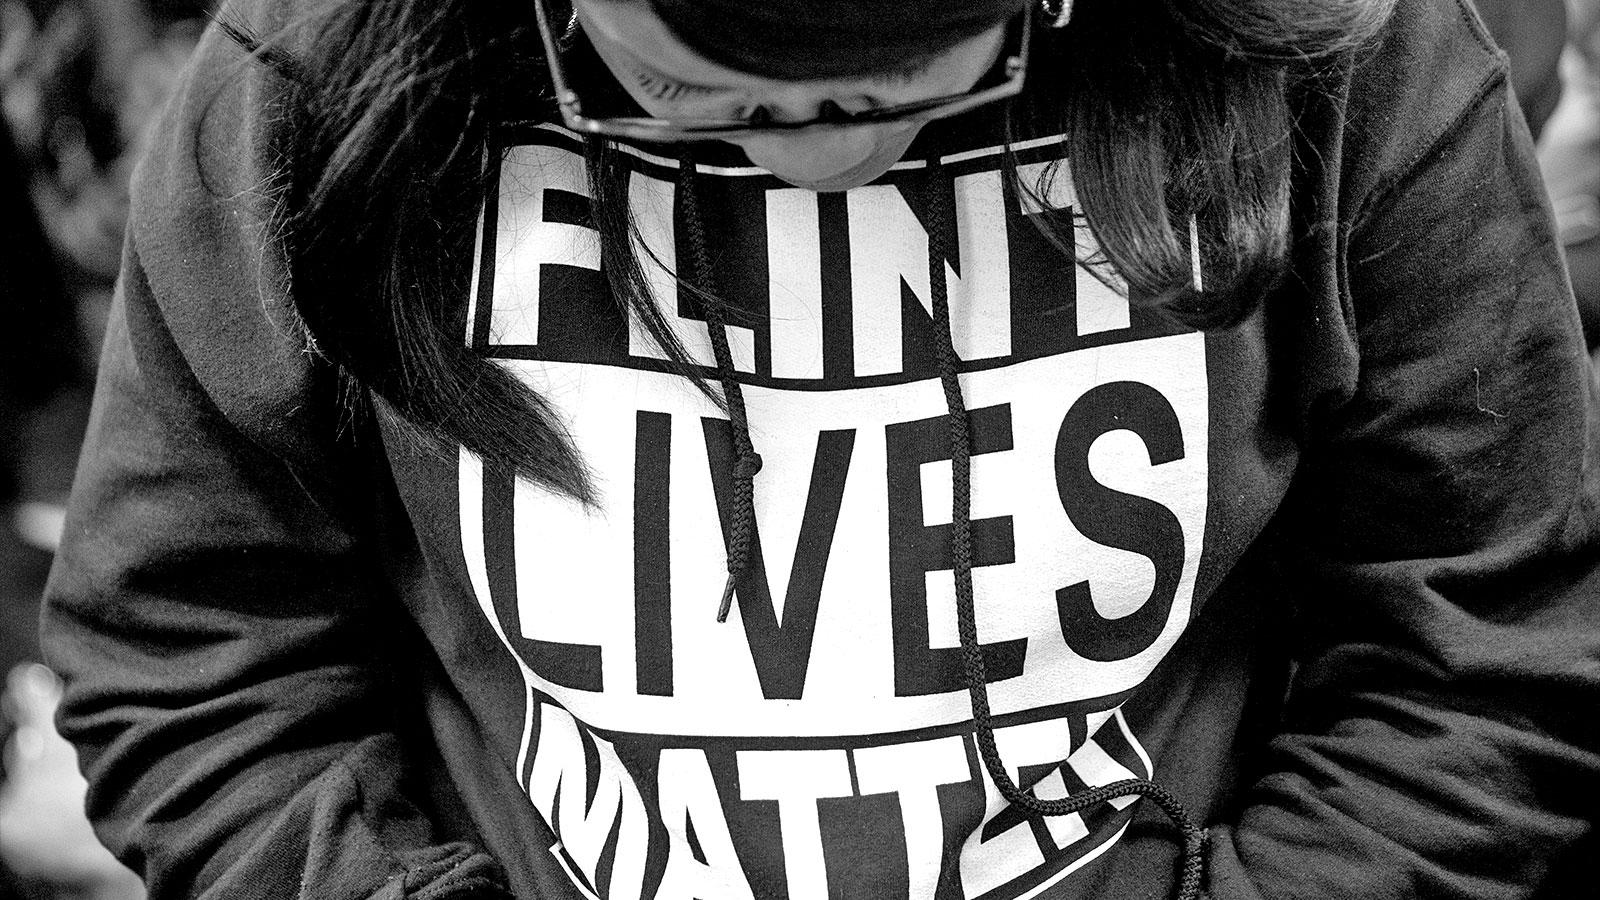 """A close up photograph of a woman wearing a sweatshirt reading """"Flint Lives Matter"""""""